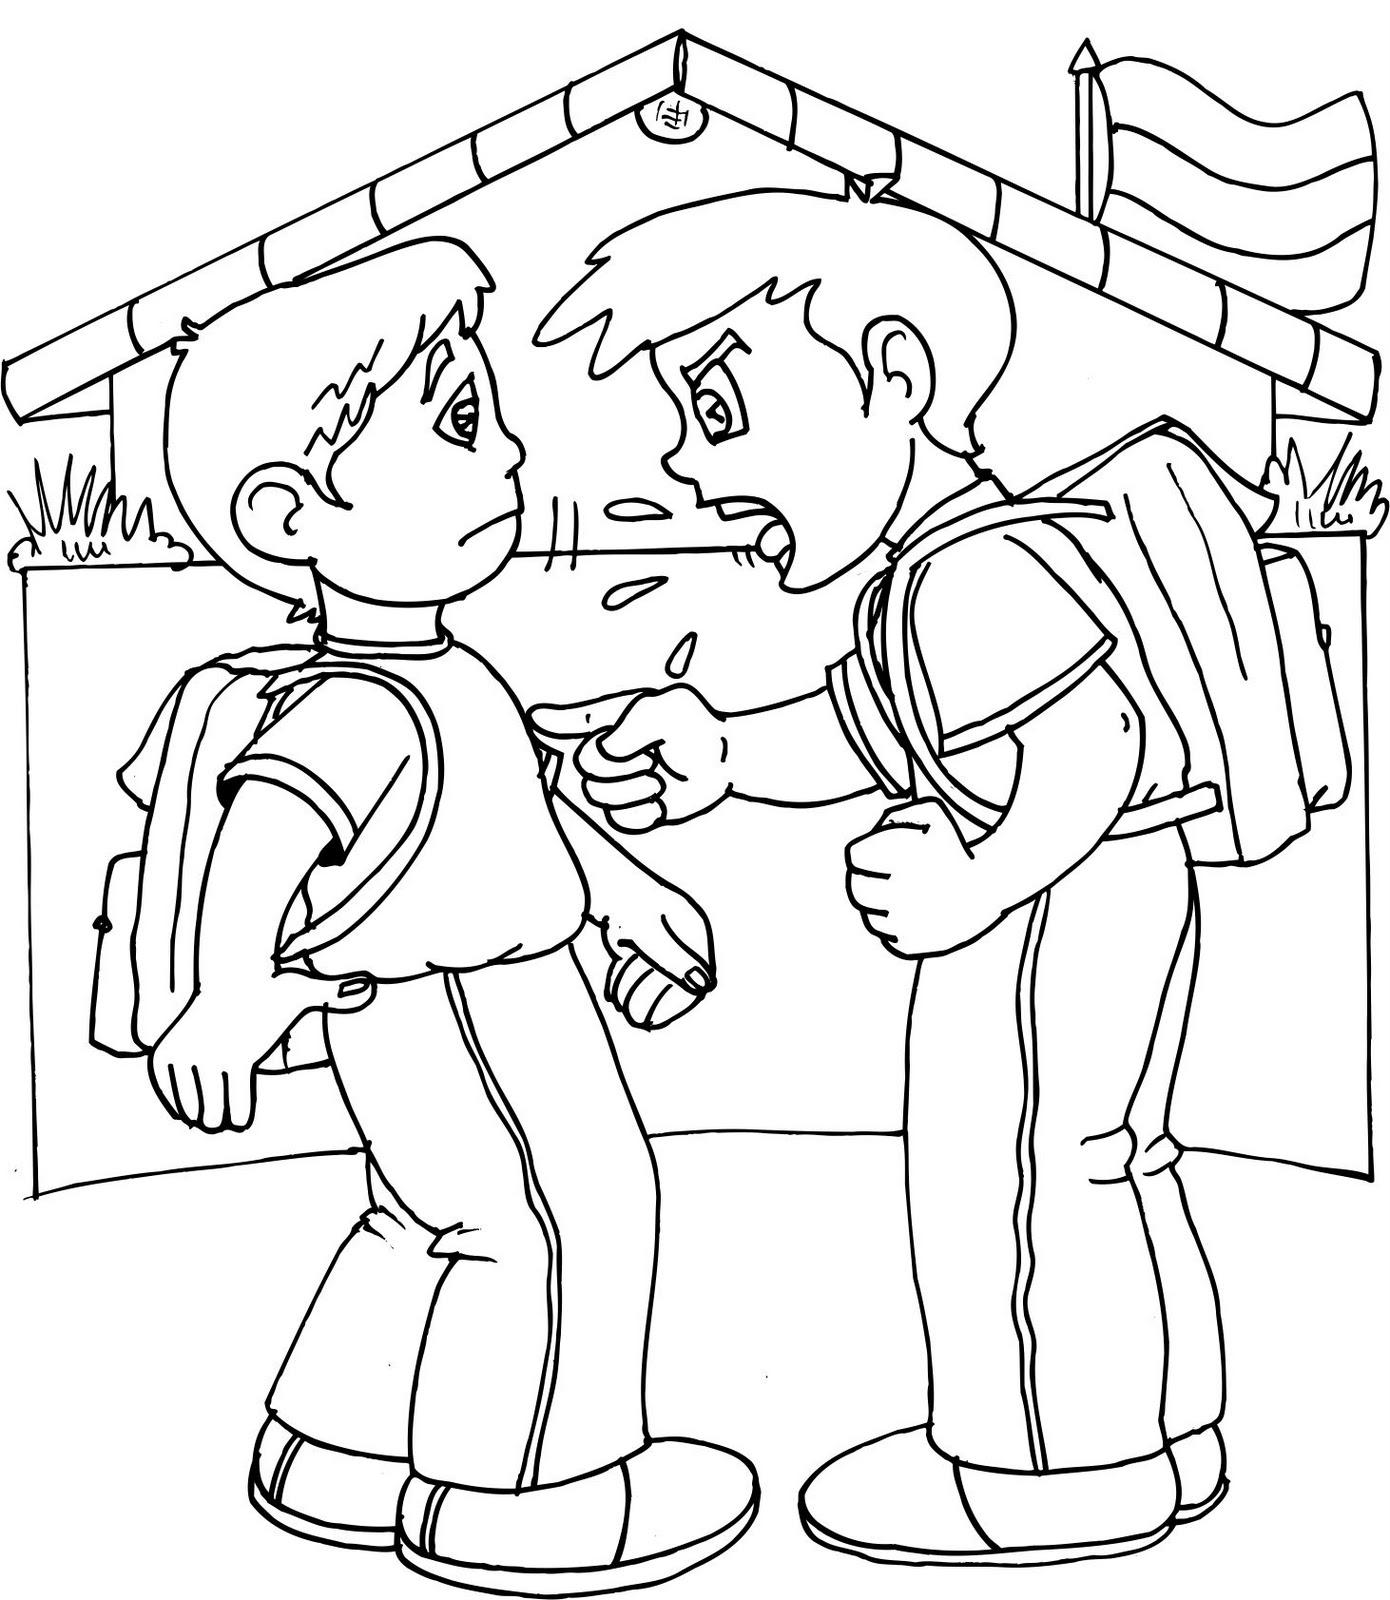 Dibujos de bullying acoso escolar para colorear y pintar Baju gamis ninos